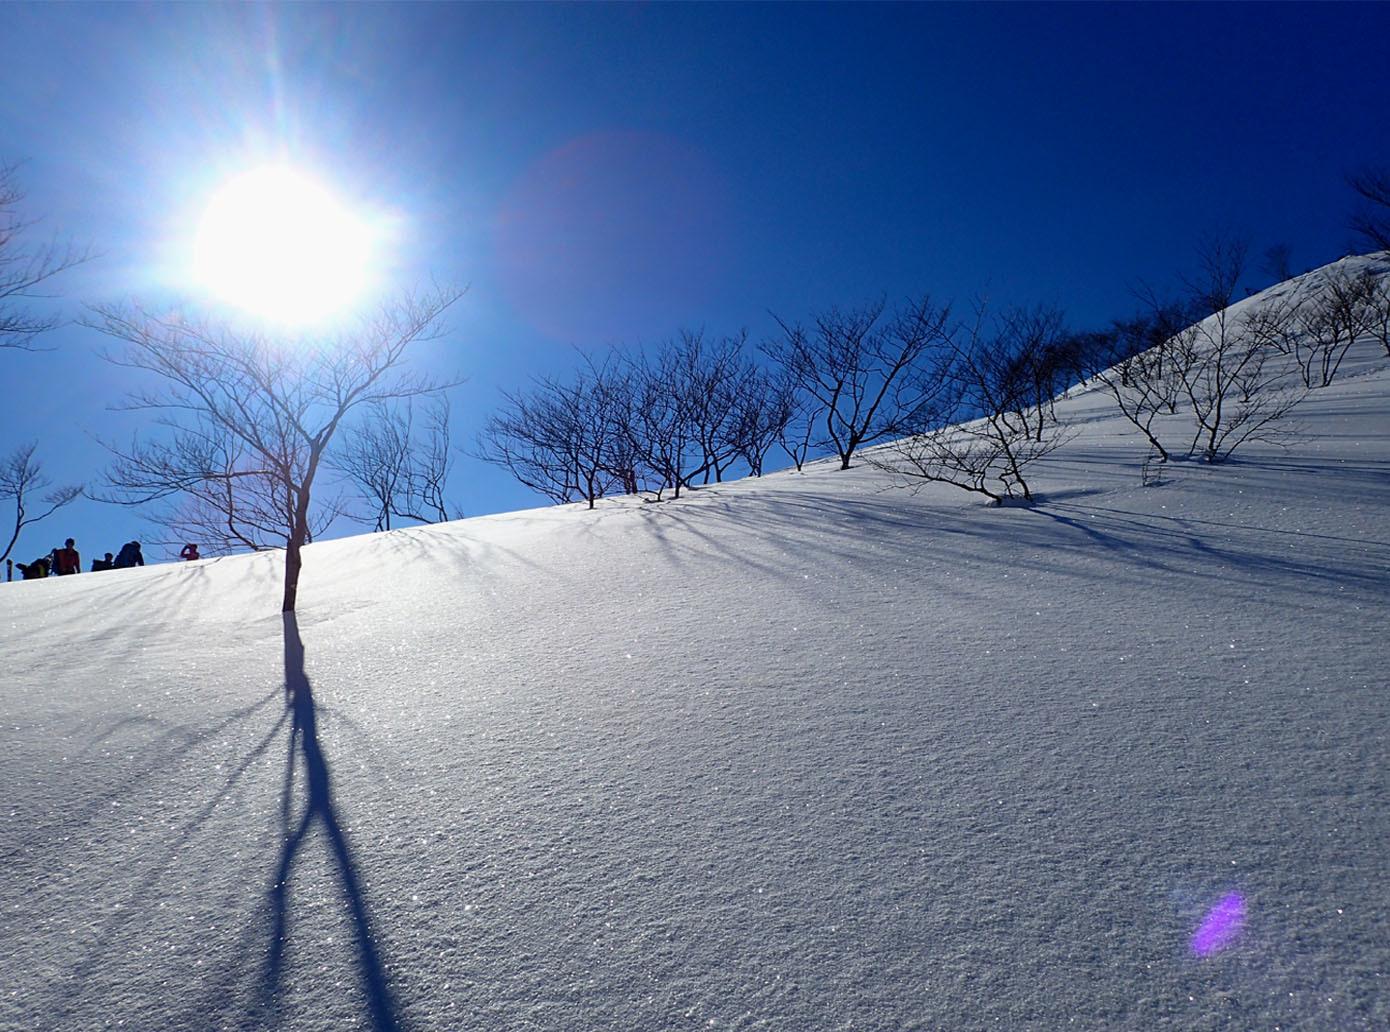 関東ブロック雪崩 2日目(13)